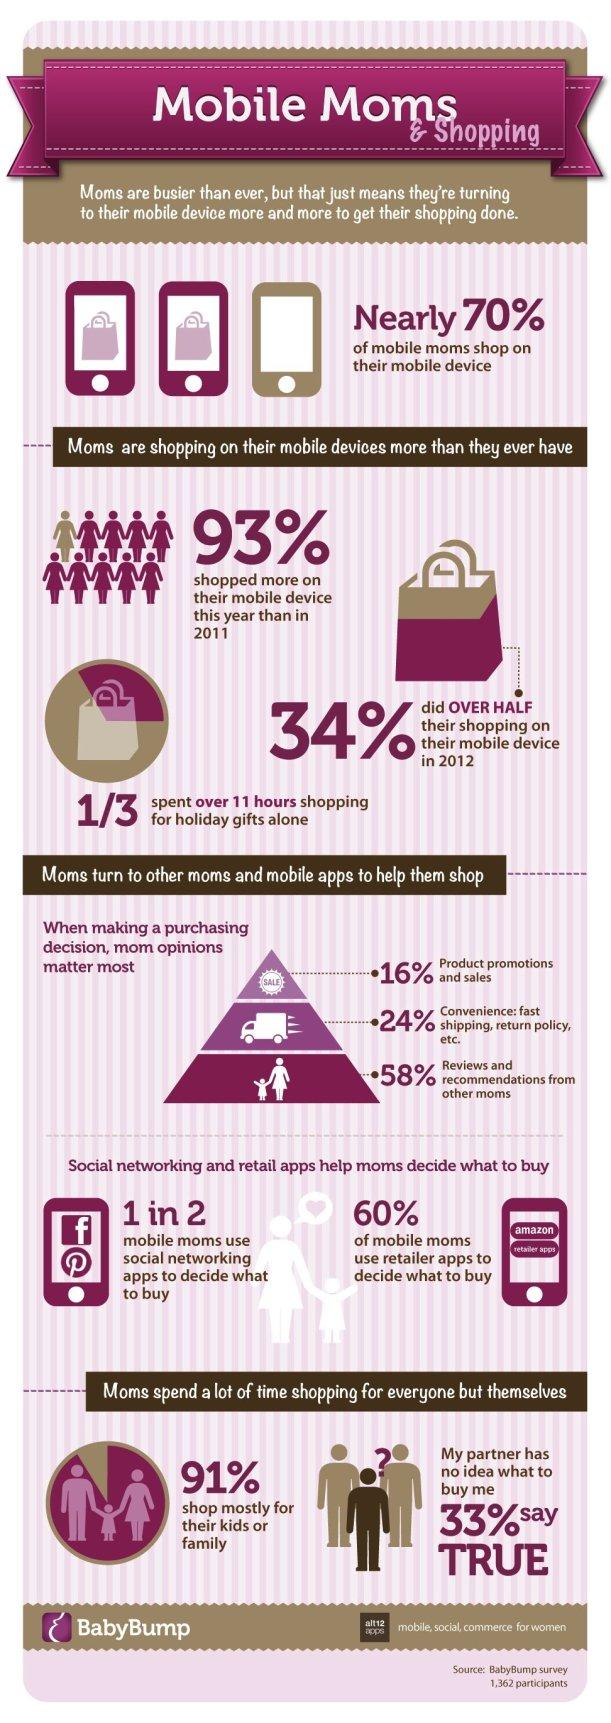 mobile-shopping-moms-